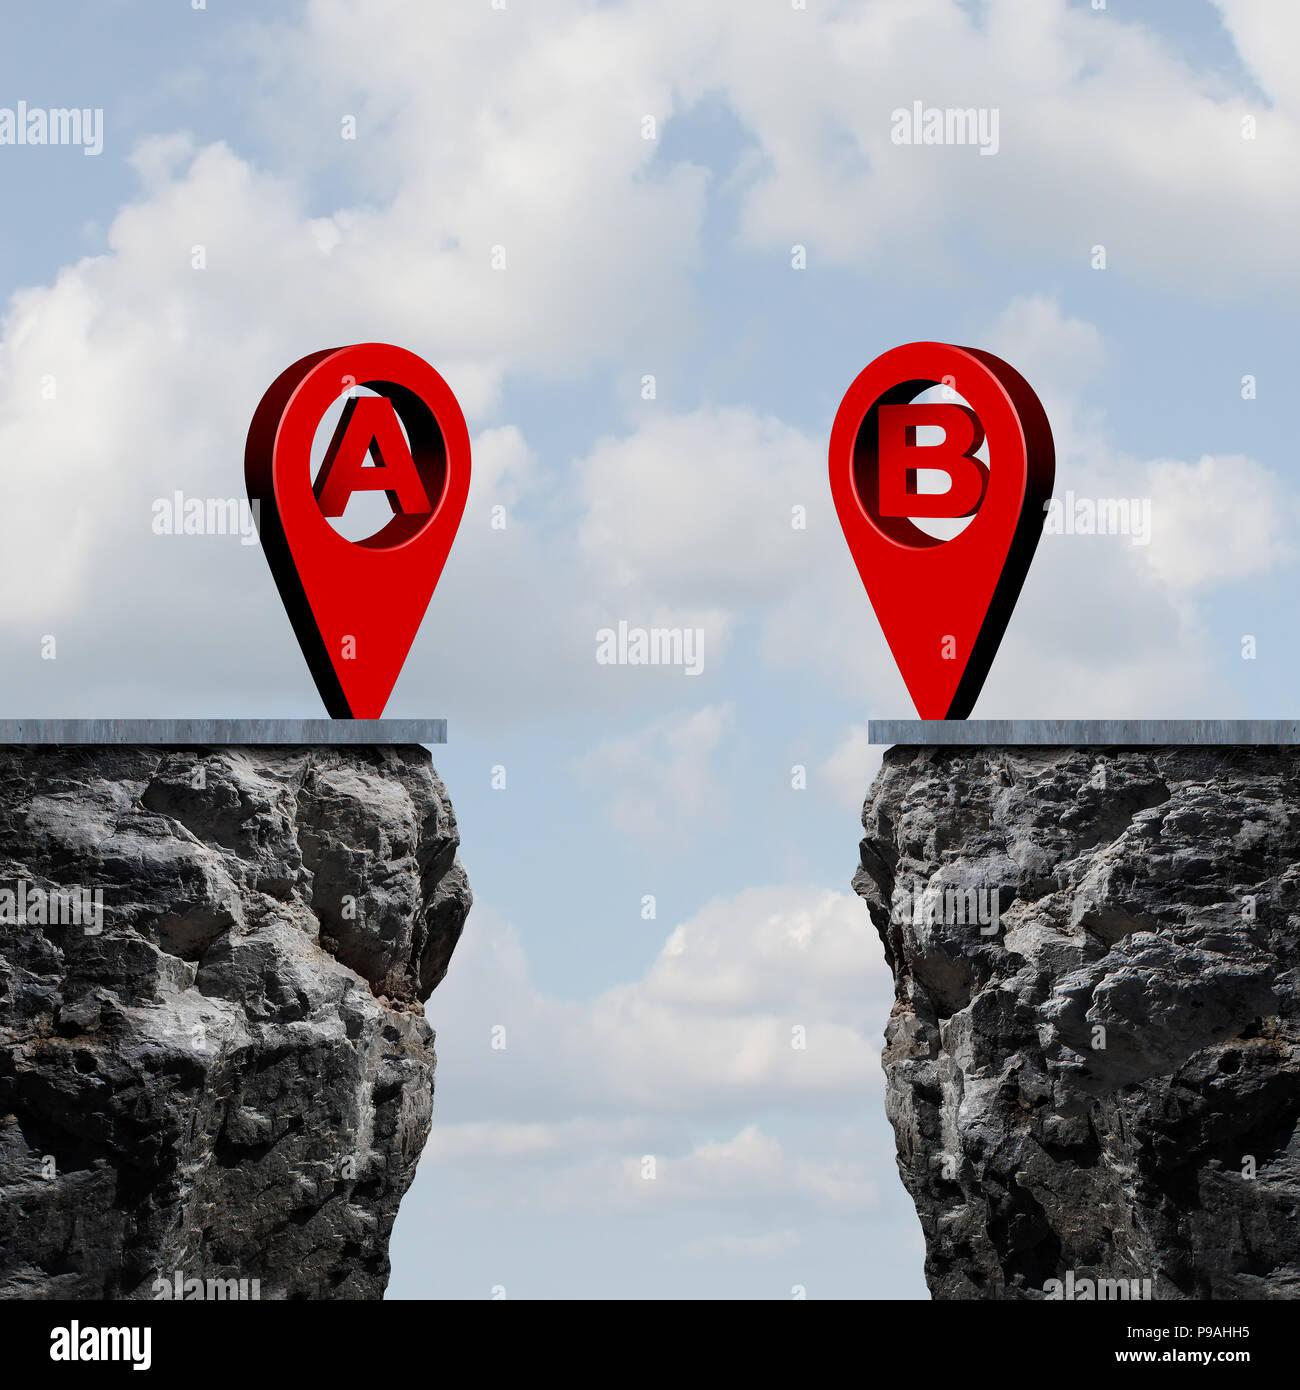 A bis b Position Roadmap und GPS-Navigator pin Verbindung Karte Ziel Herausforderung, da ein Geschäft Metapher Konzept mit gerenderten 3d-Elemente. Stockbild